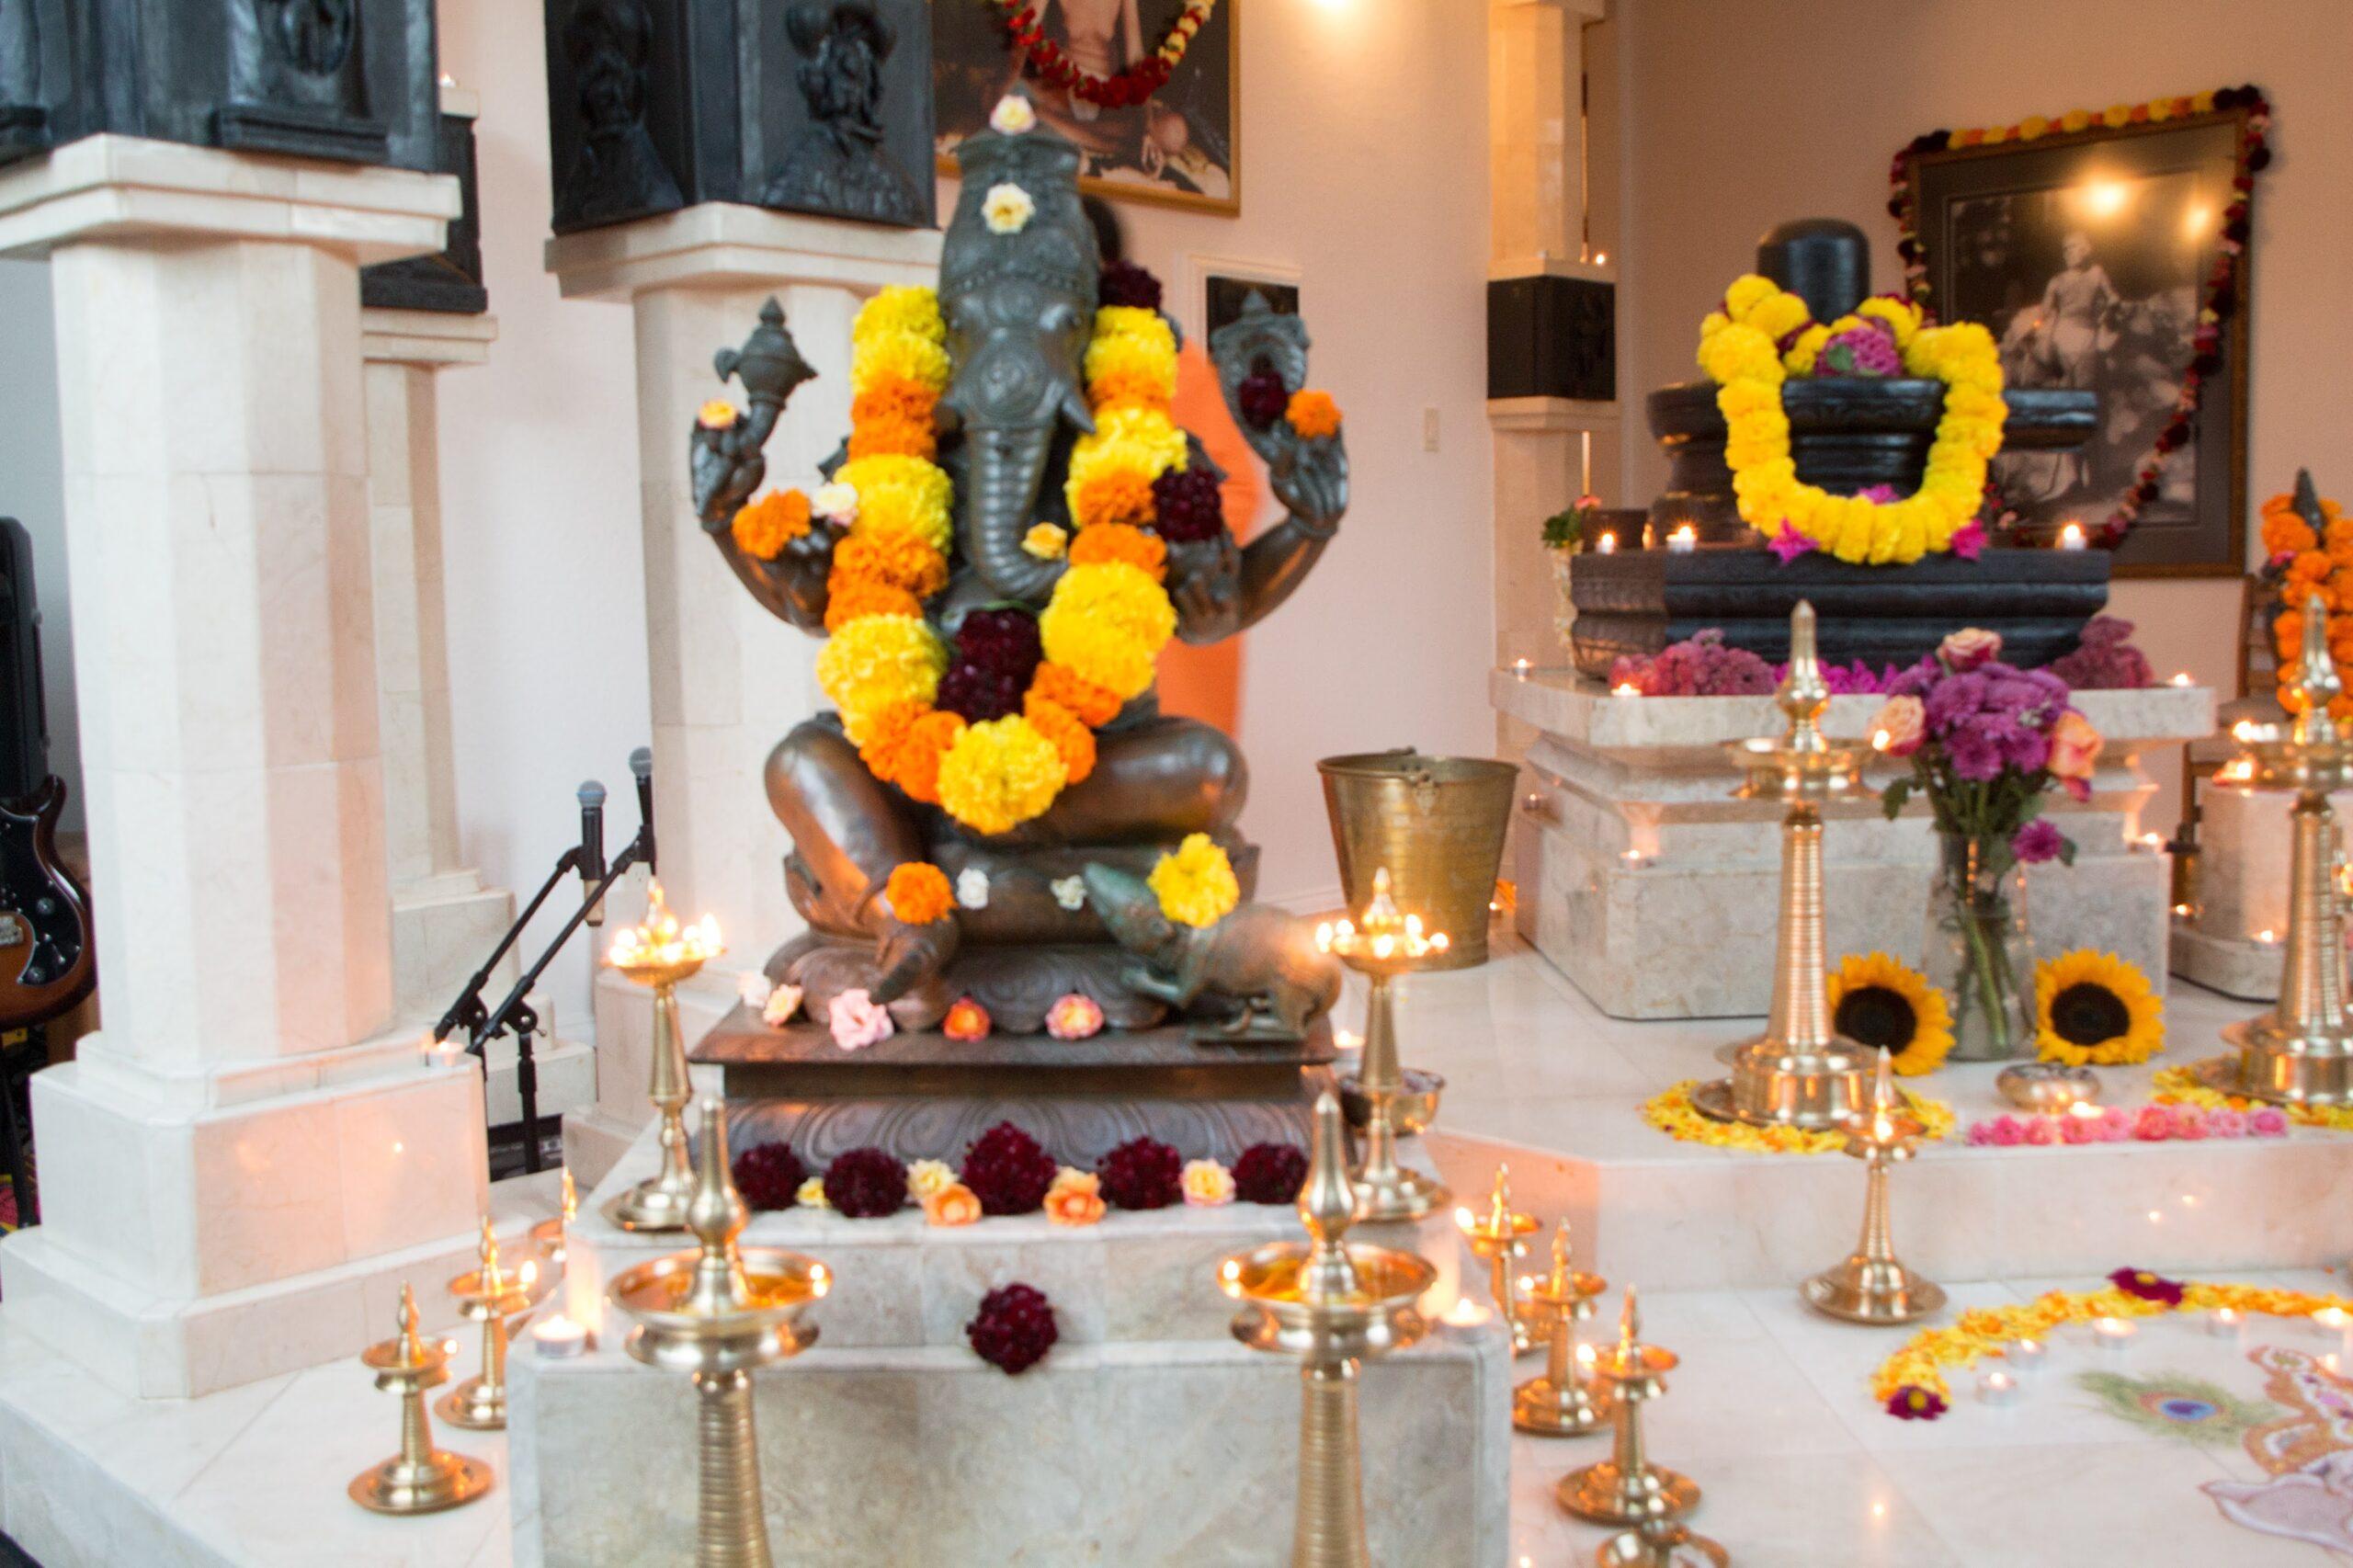 2021 Ganesha Chaturthi